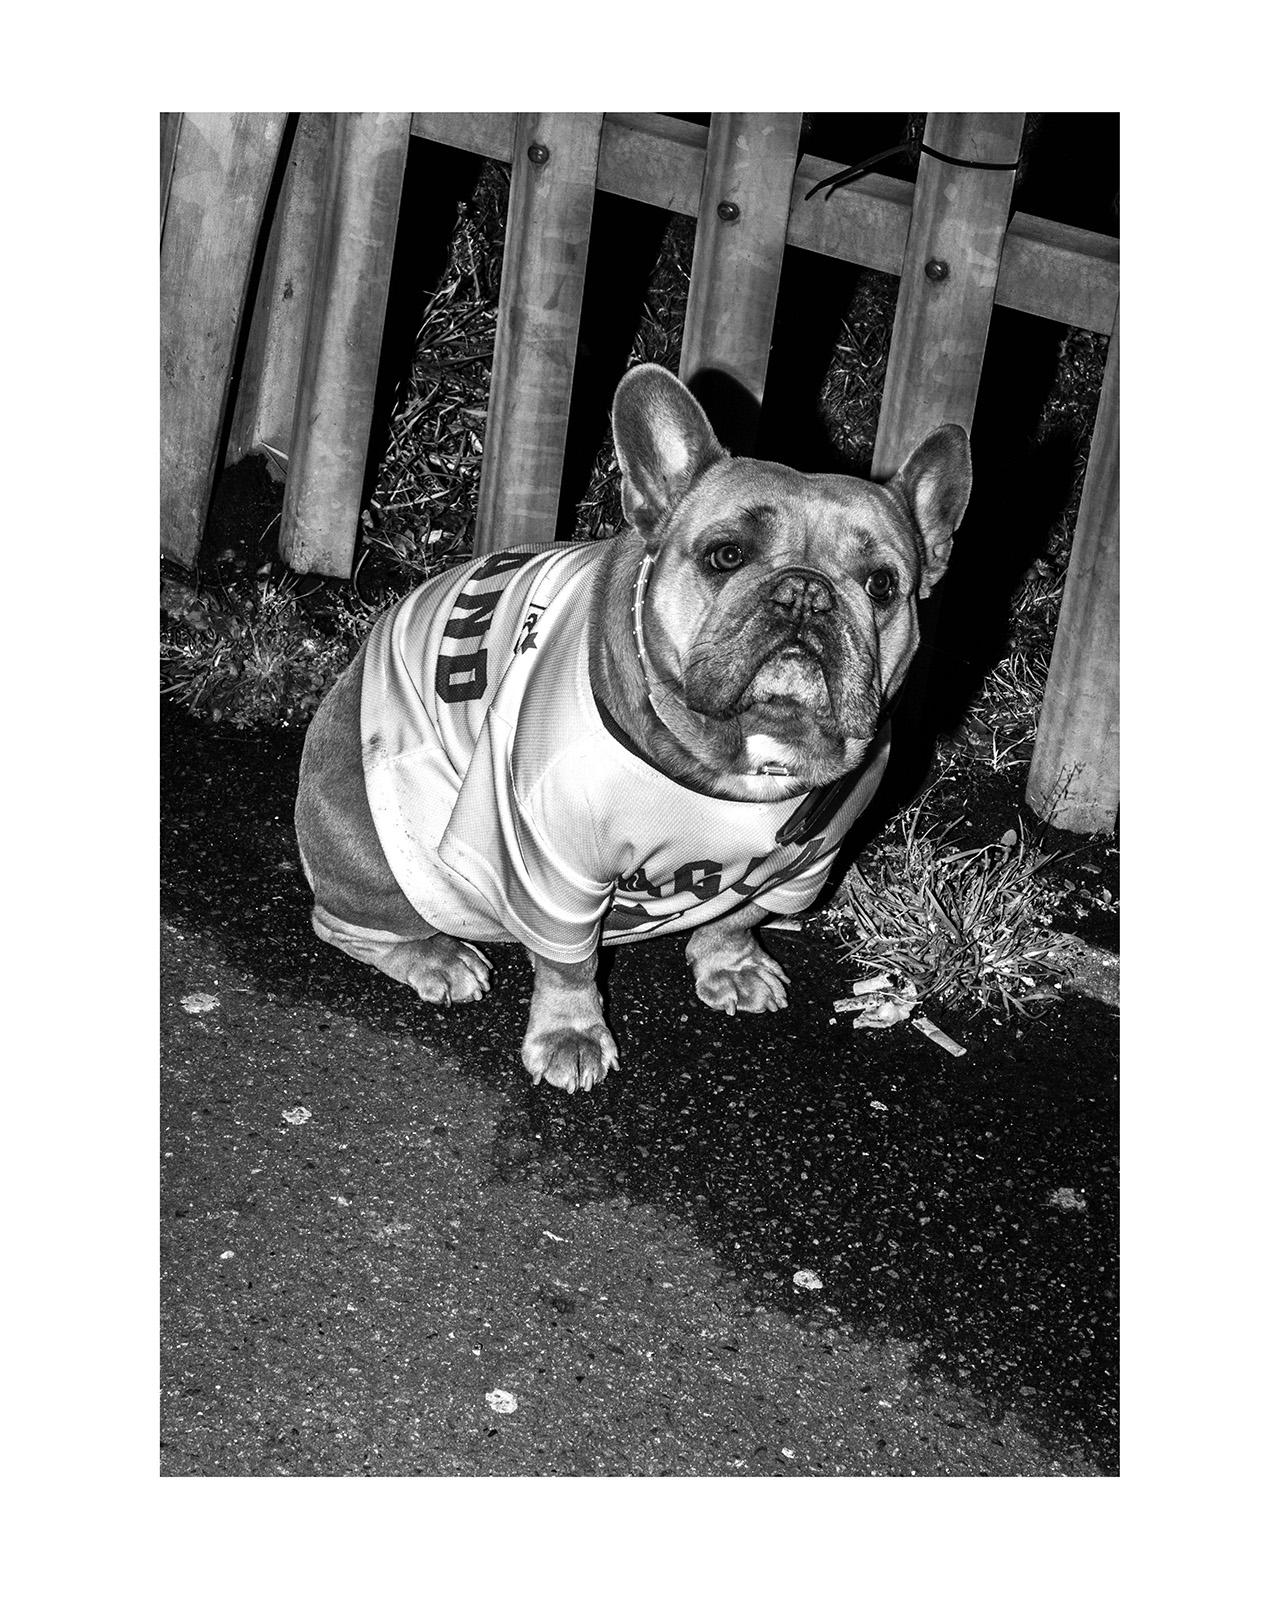 71. Daniel Nilsson. Millwall Bulldog, London 2018.  Utropspris: 3 000:- Bildmått: 30×42,5 cm / Inramad 40×50 cm. Arkivbeständig pigmentbläckutskrift. Edition 1/20. Signerad.